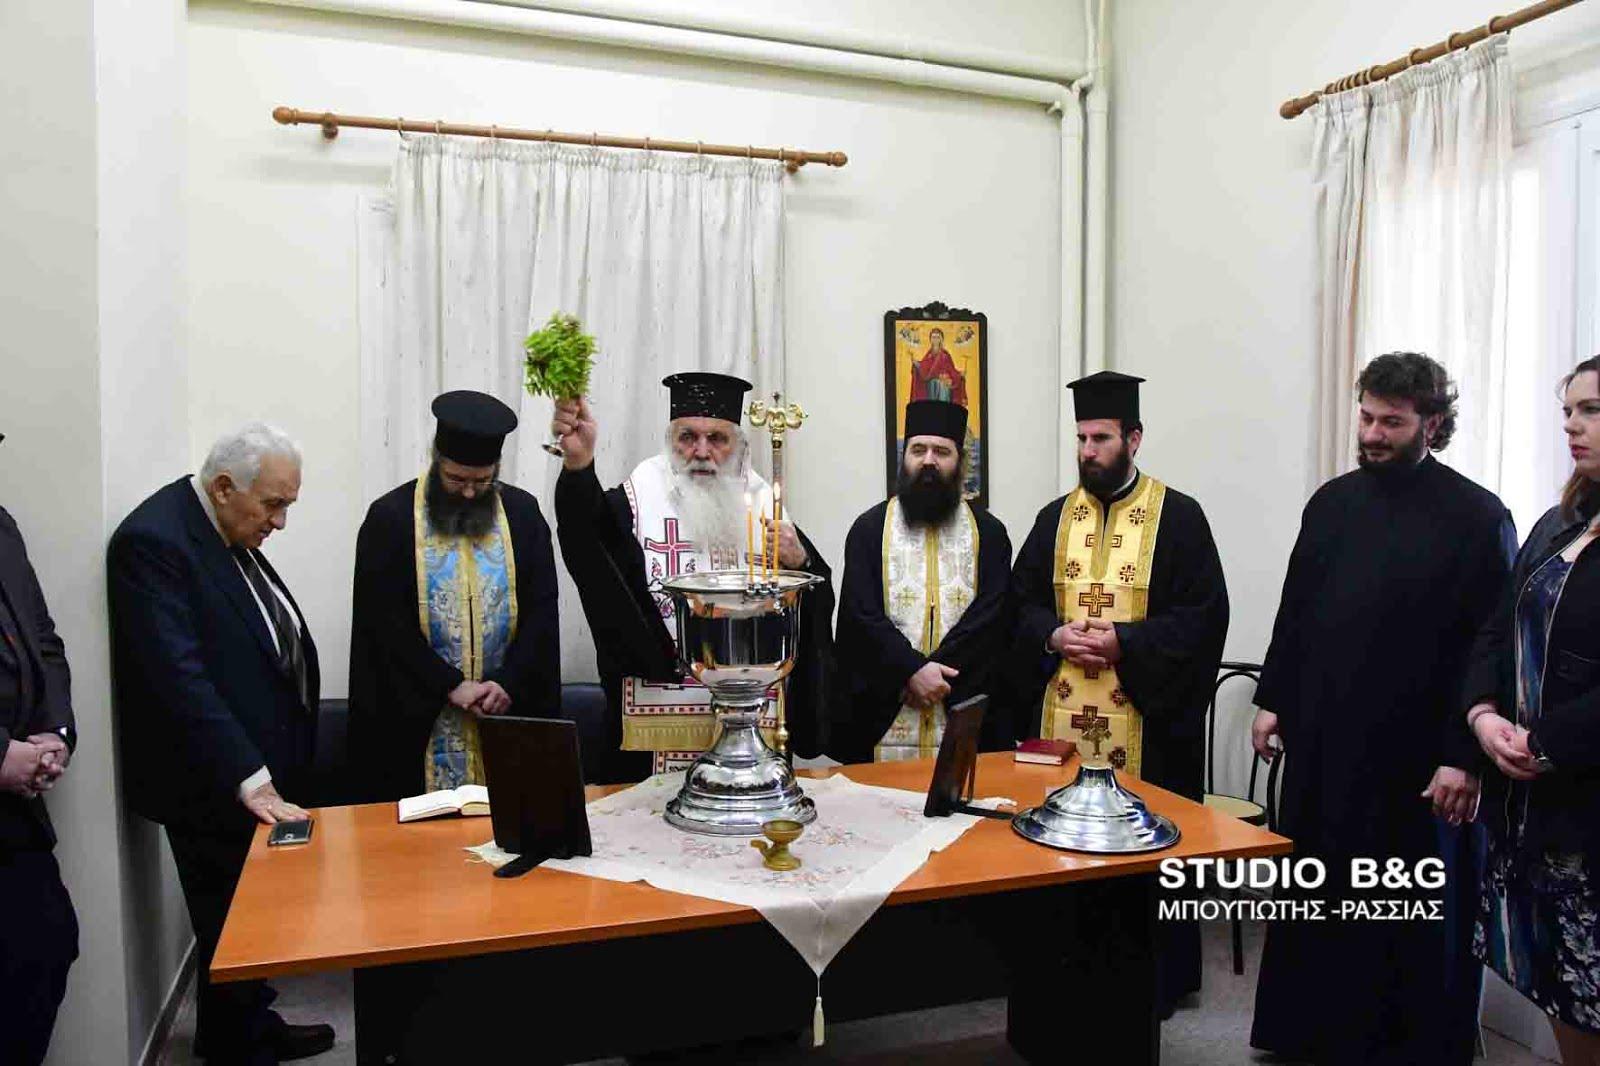 Επίσημη έναρξη της Σχολής Βυζαντινής Μουσικής της Μητροπόλεώς μας